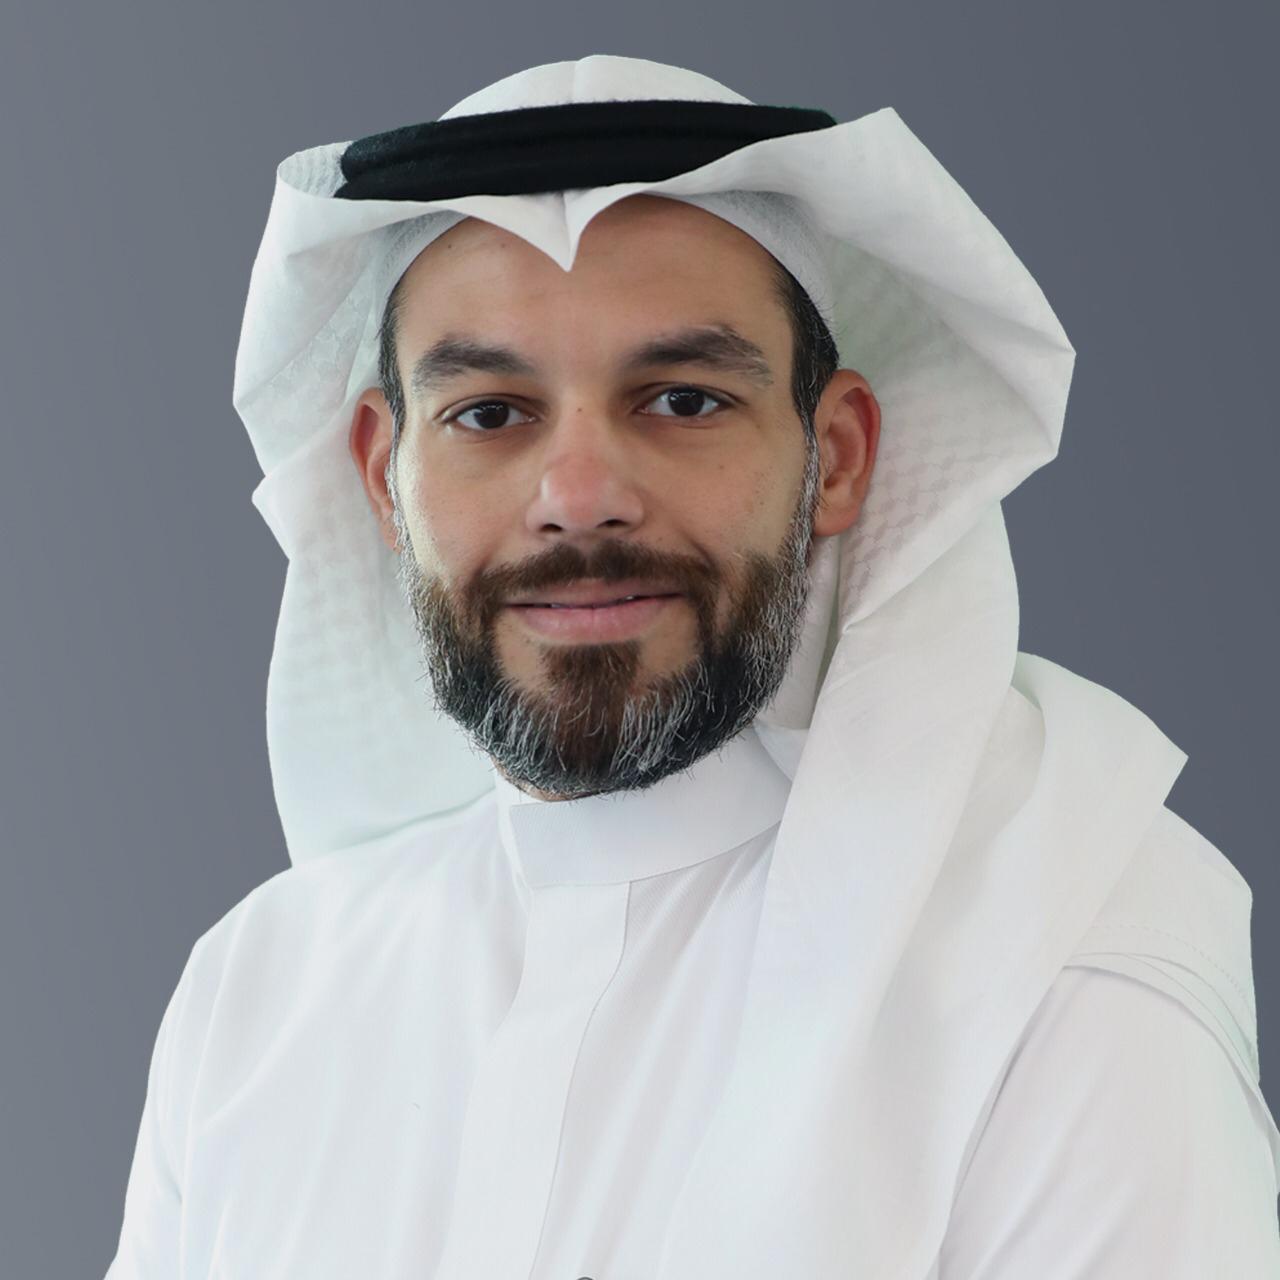 المهندس ماهر عريجة نائباً للرئيس التنفيذي لعمليات الملكية الفكرية